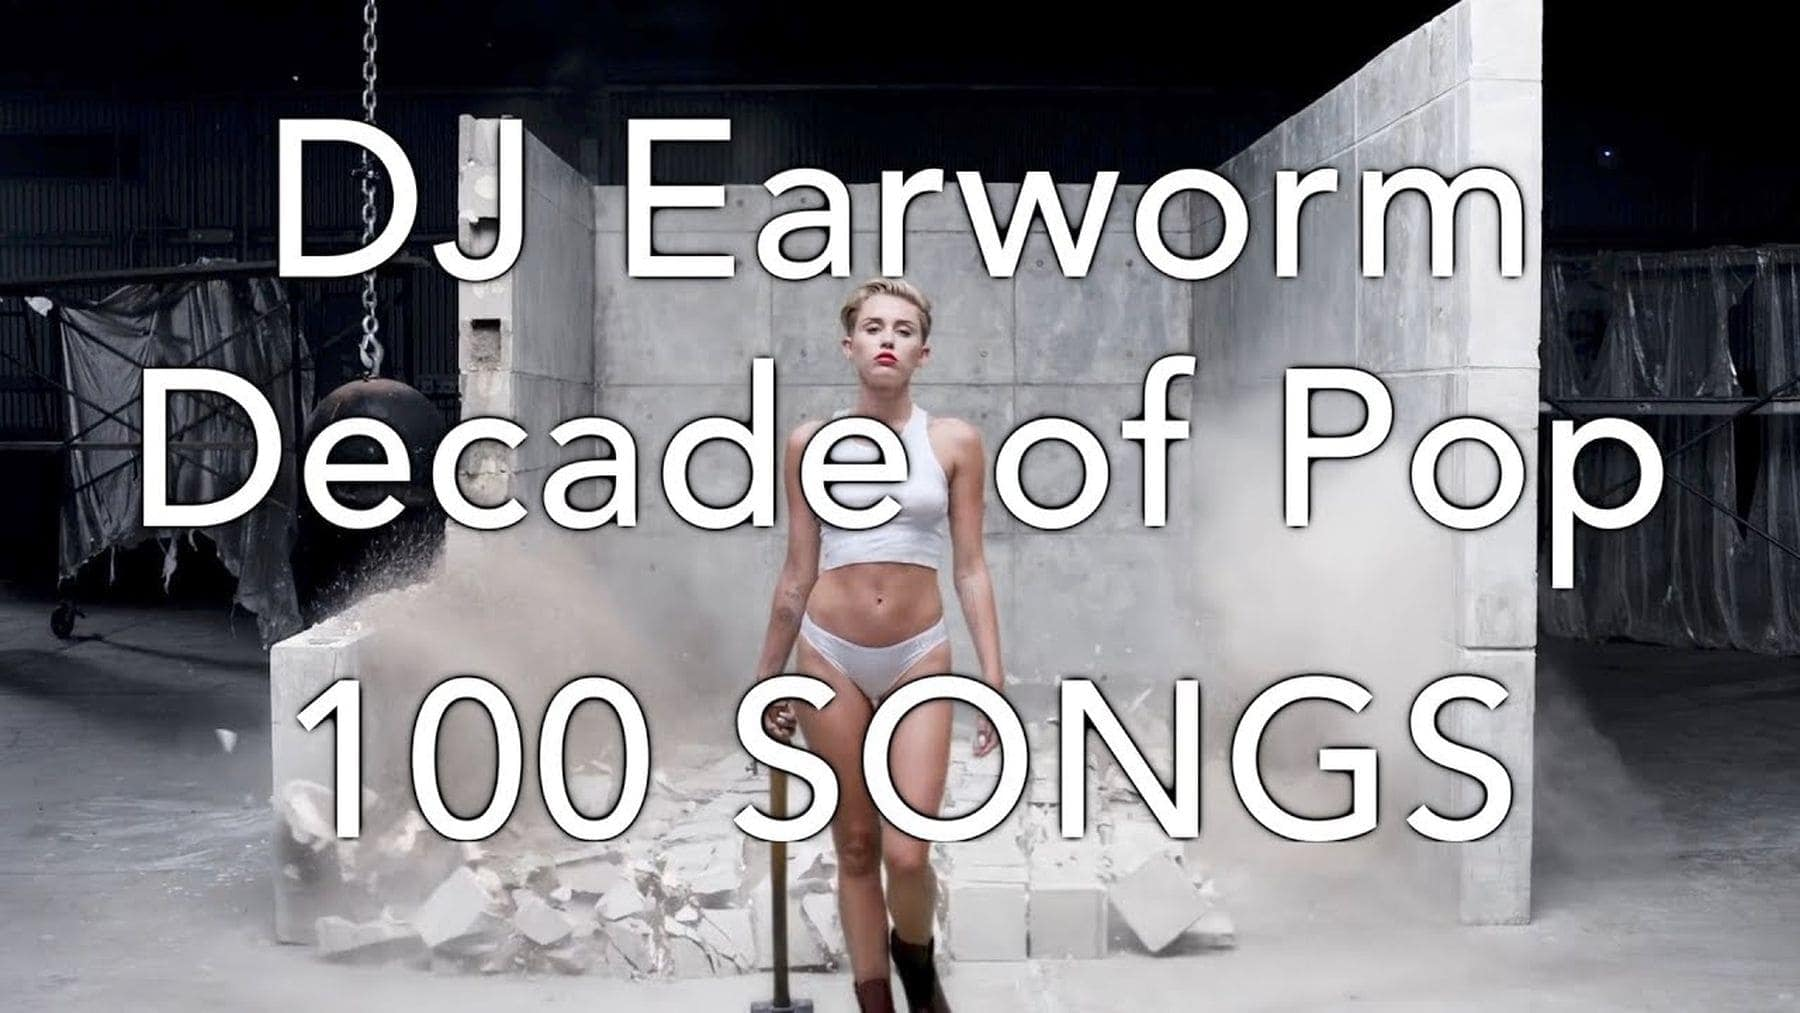 DJ Earthworm und seine Decade of Pop – 100 Songs Mashup | Musik | Was is hier eigentlich los?